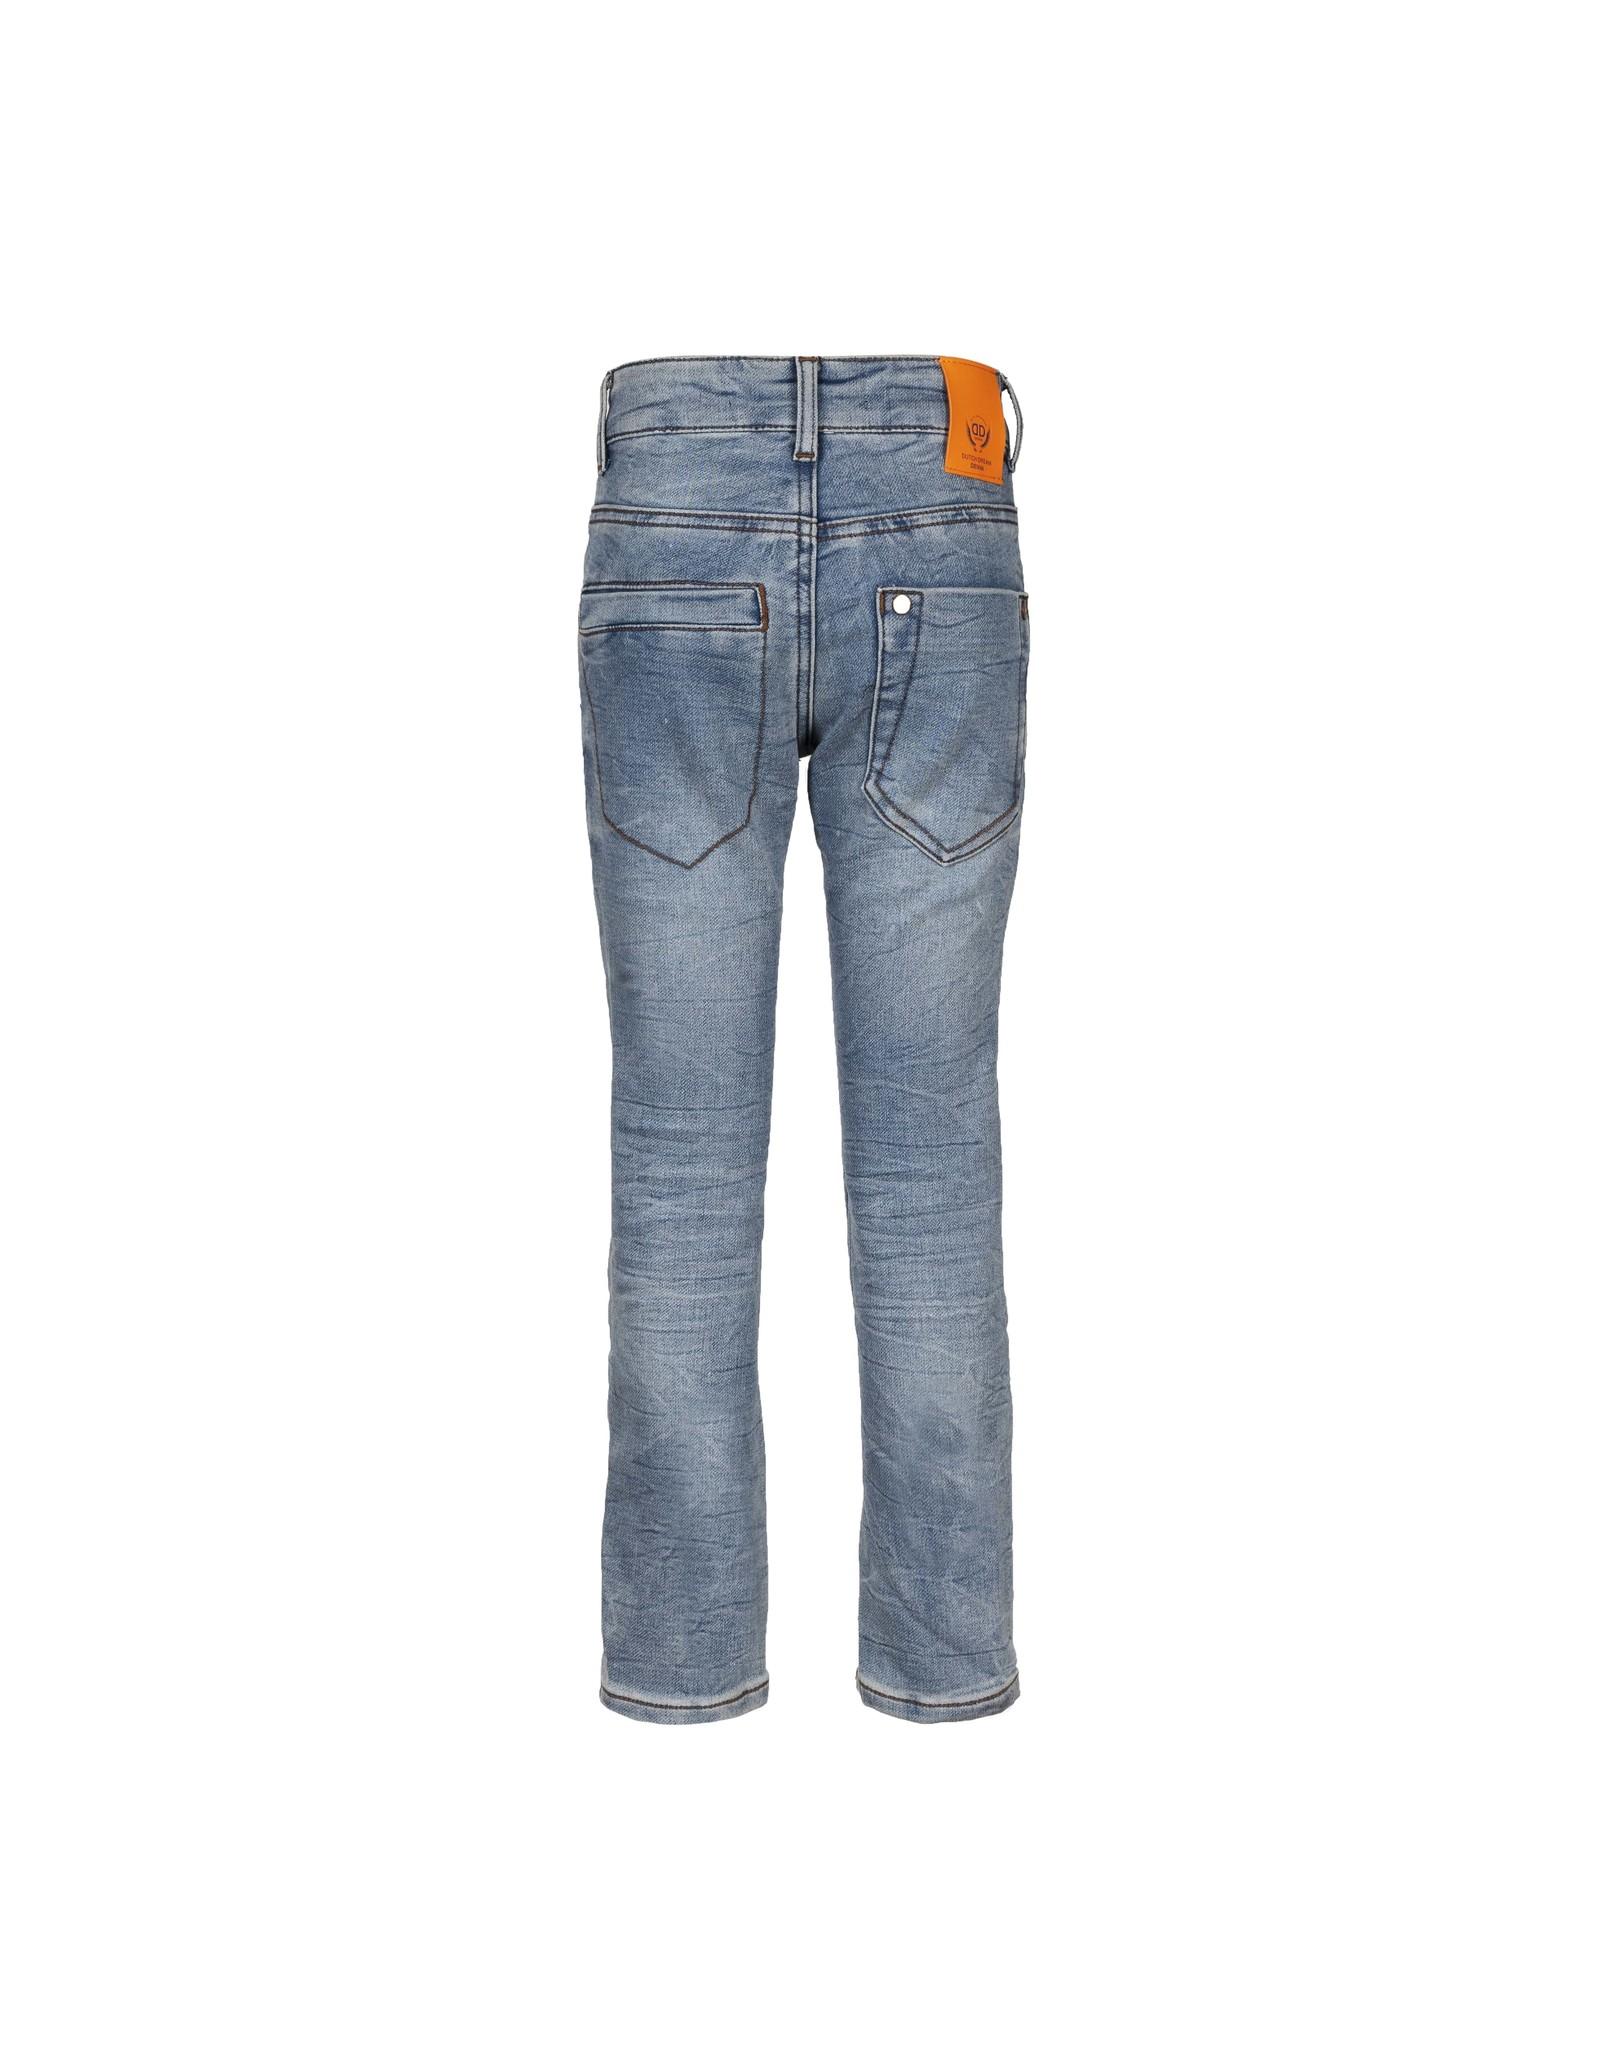 DDD DDD jongens slim fit jogg jeans Peleka Blue